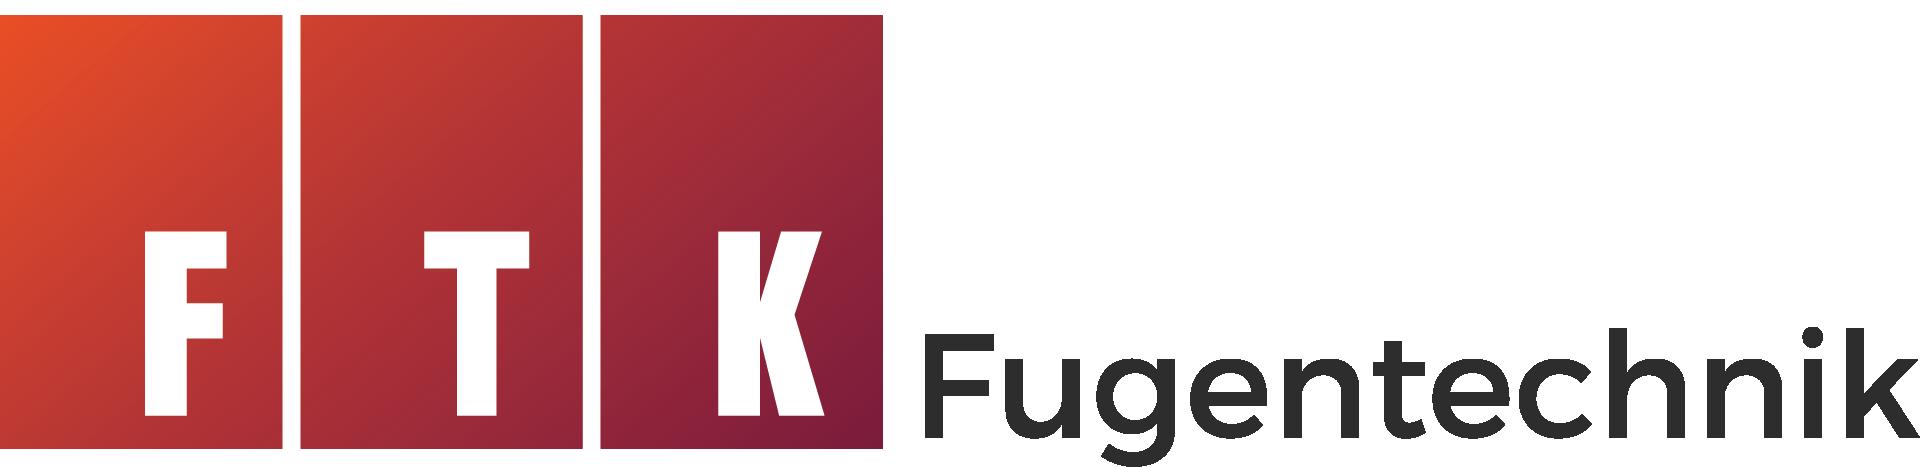 ftk-fugentechnik-logo